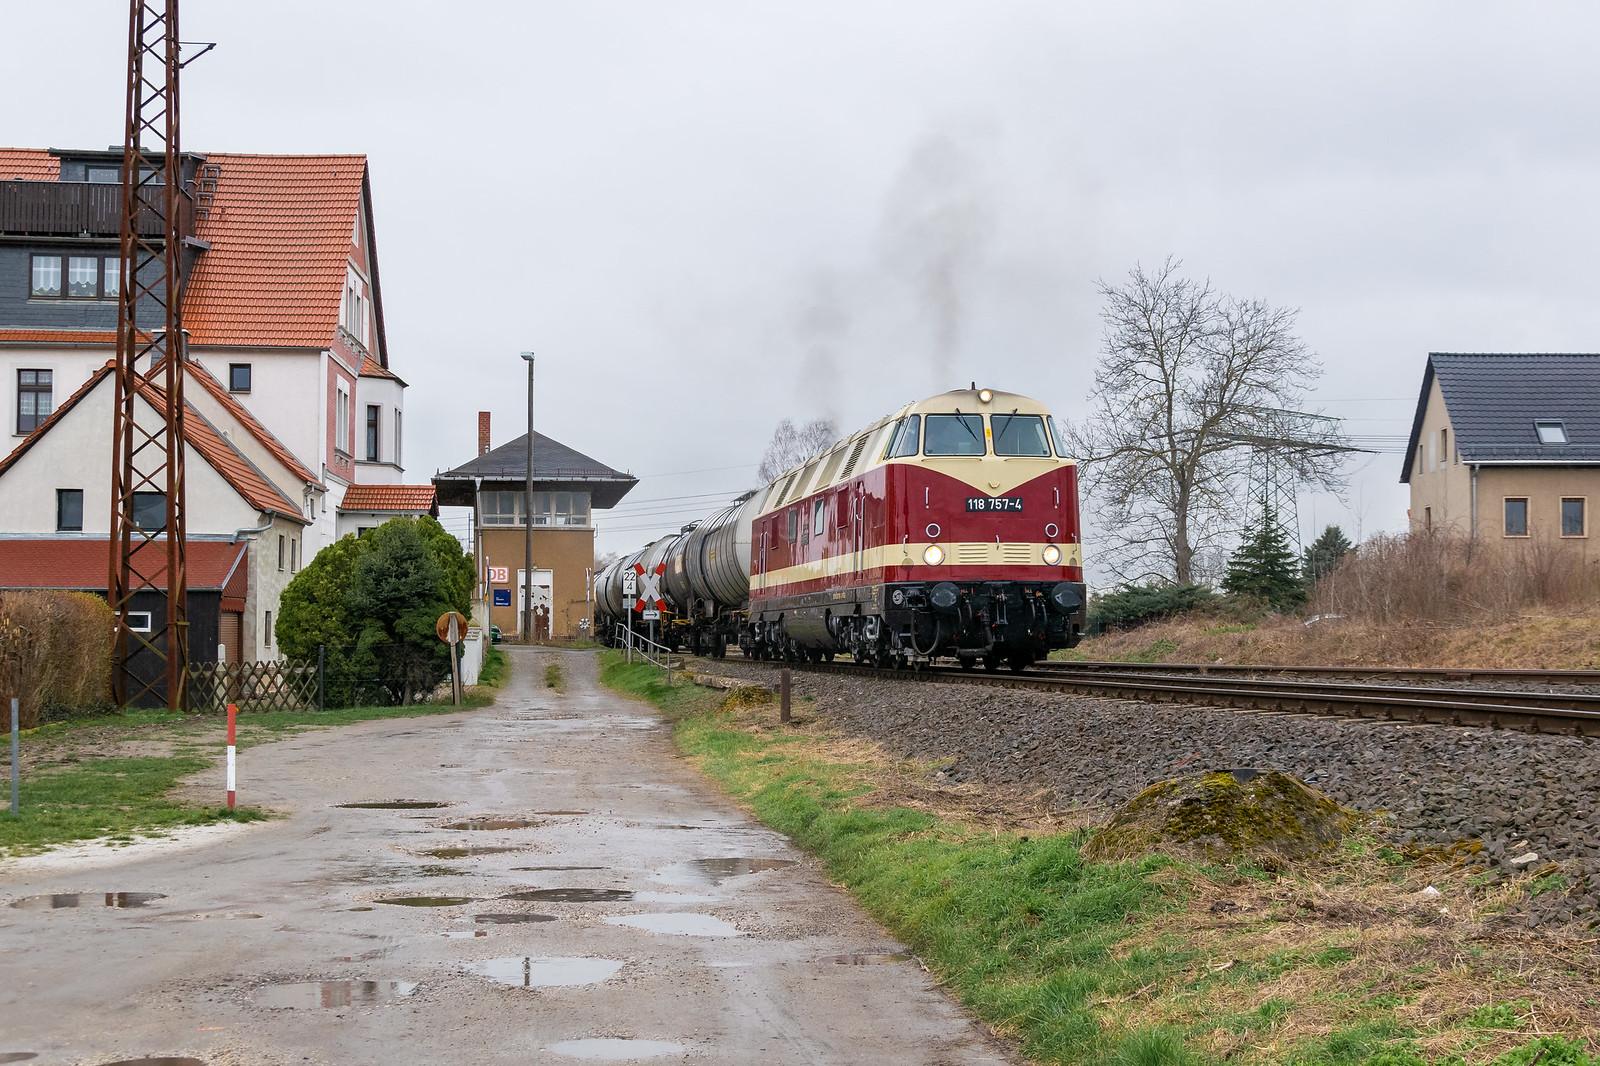 118 757 in Altenburg Nord